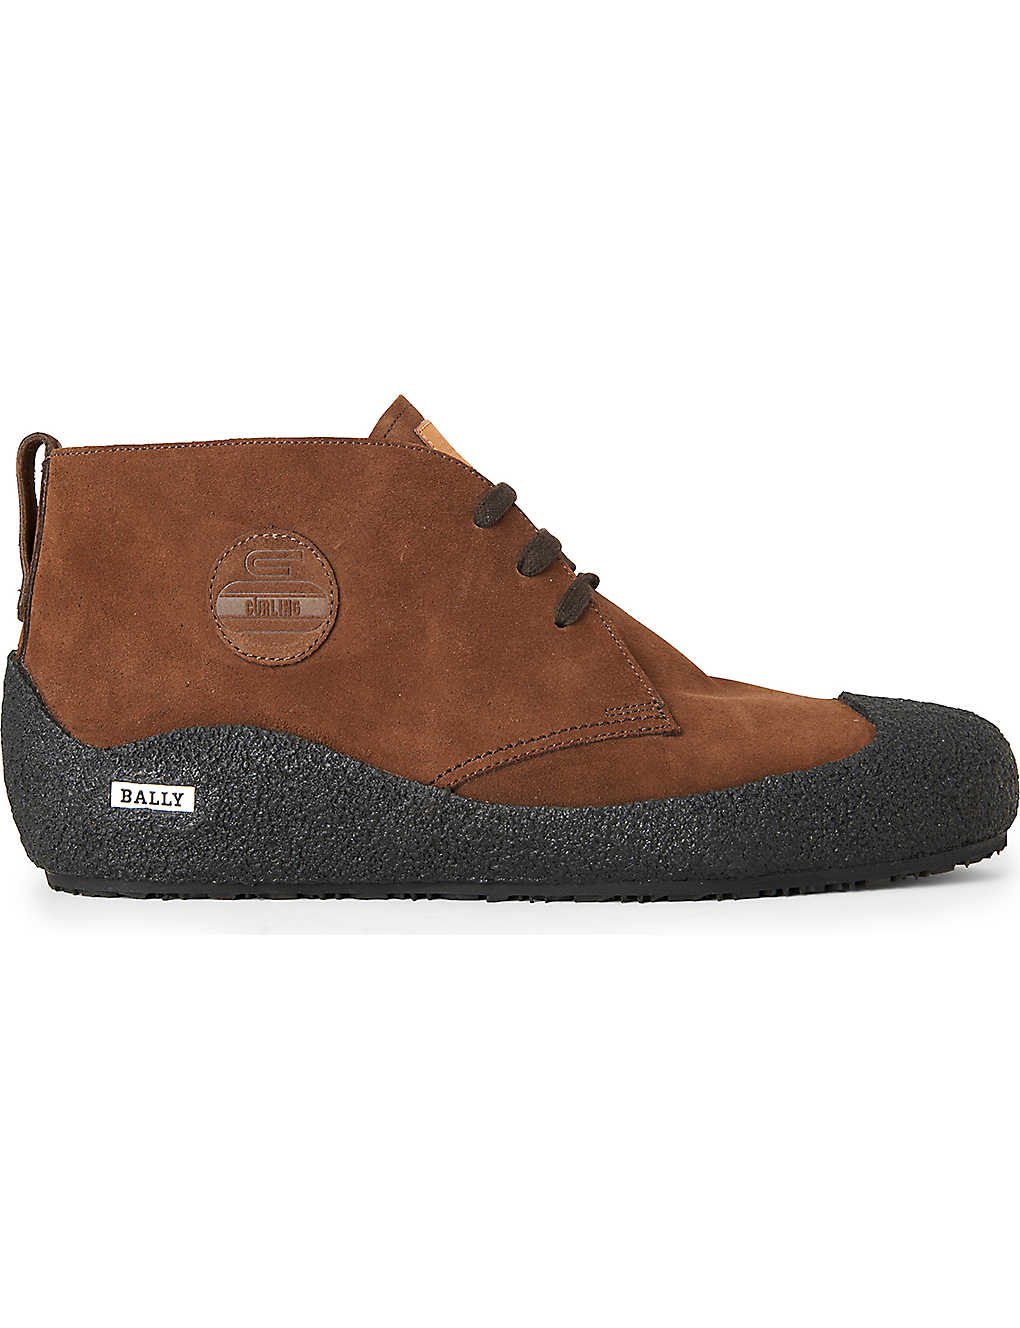 BALLY - Snowly Chukka boots  90693684a1ce3